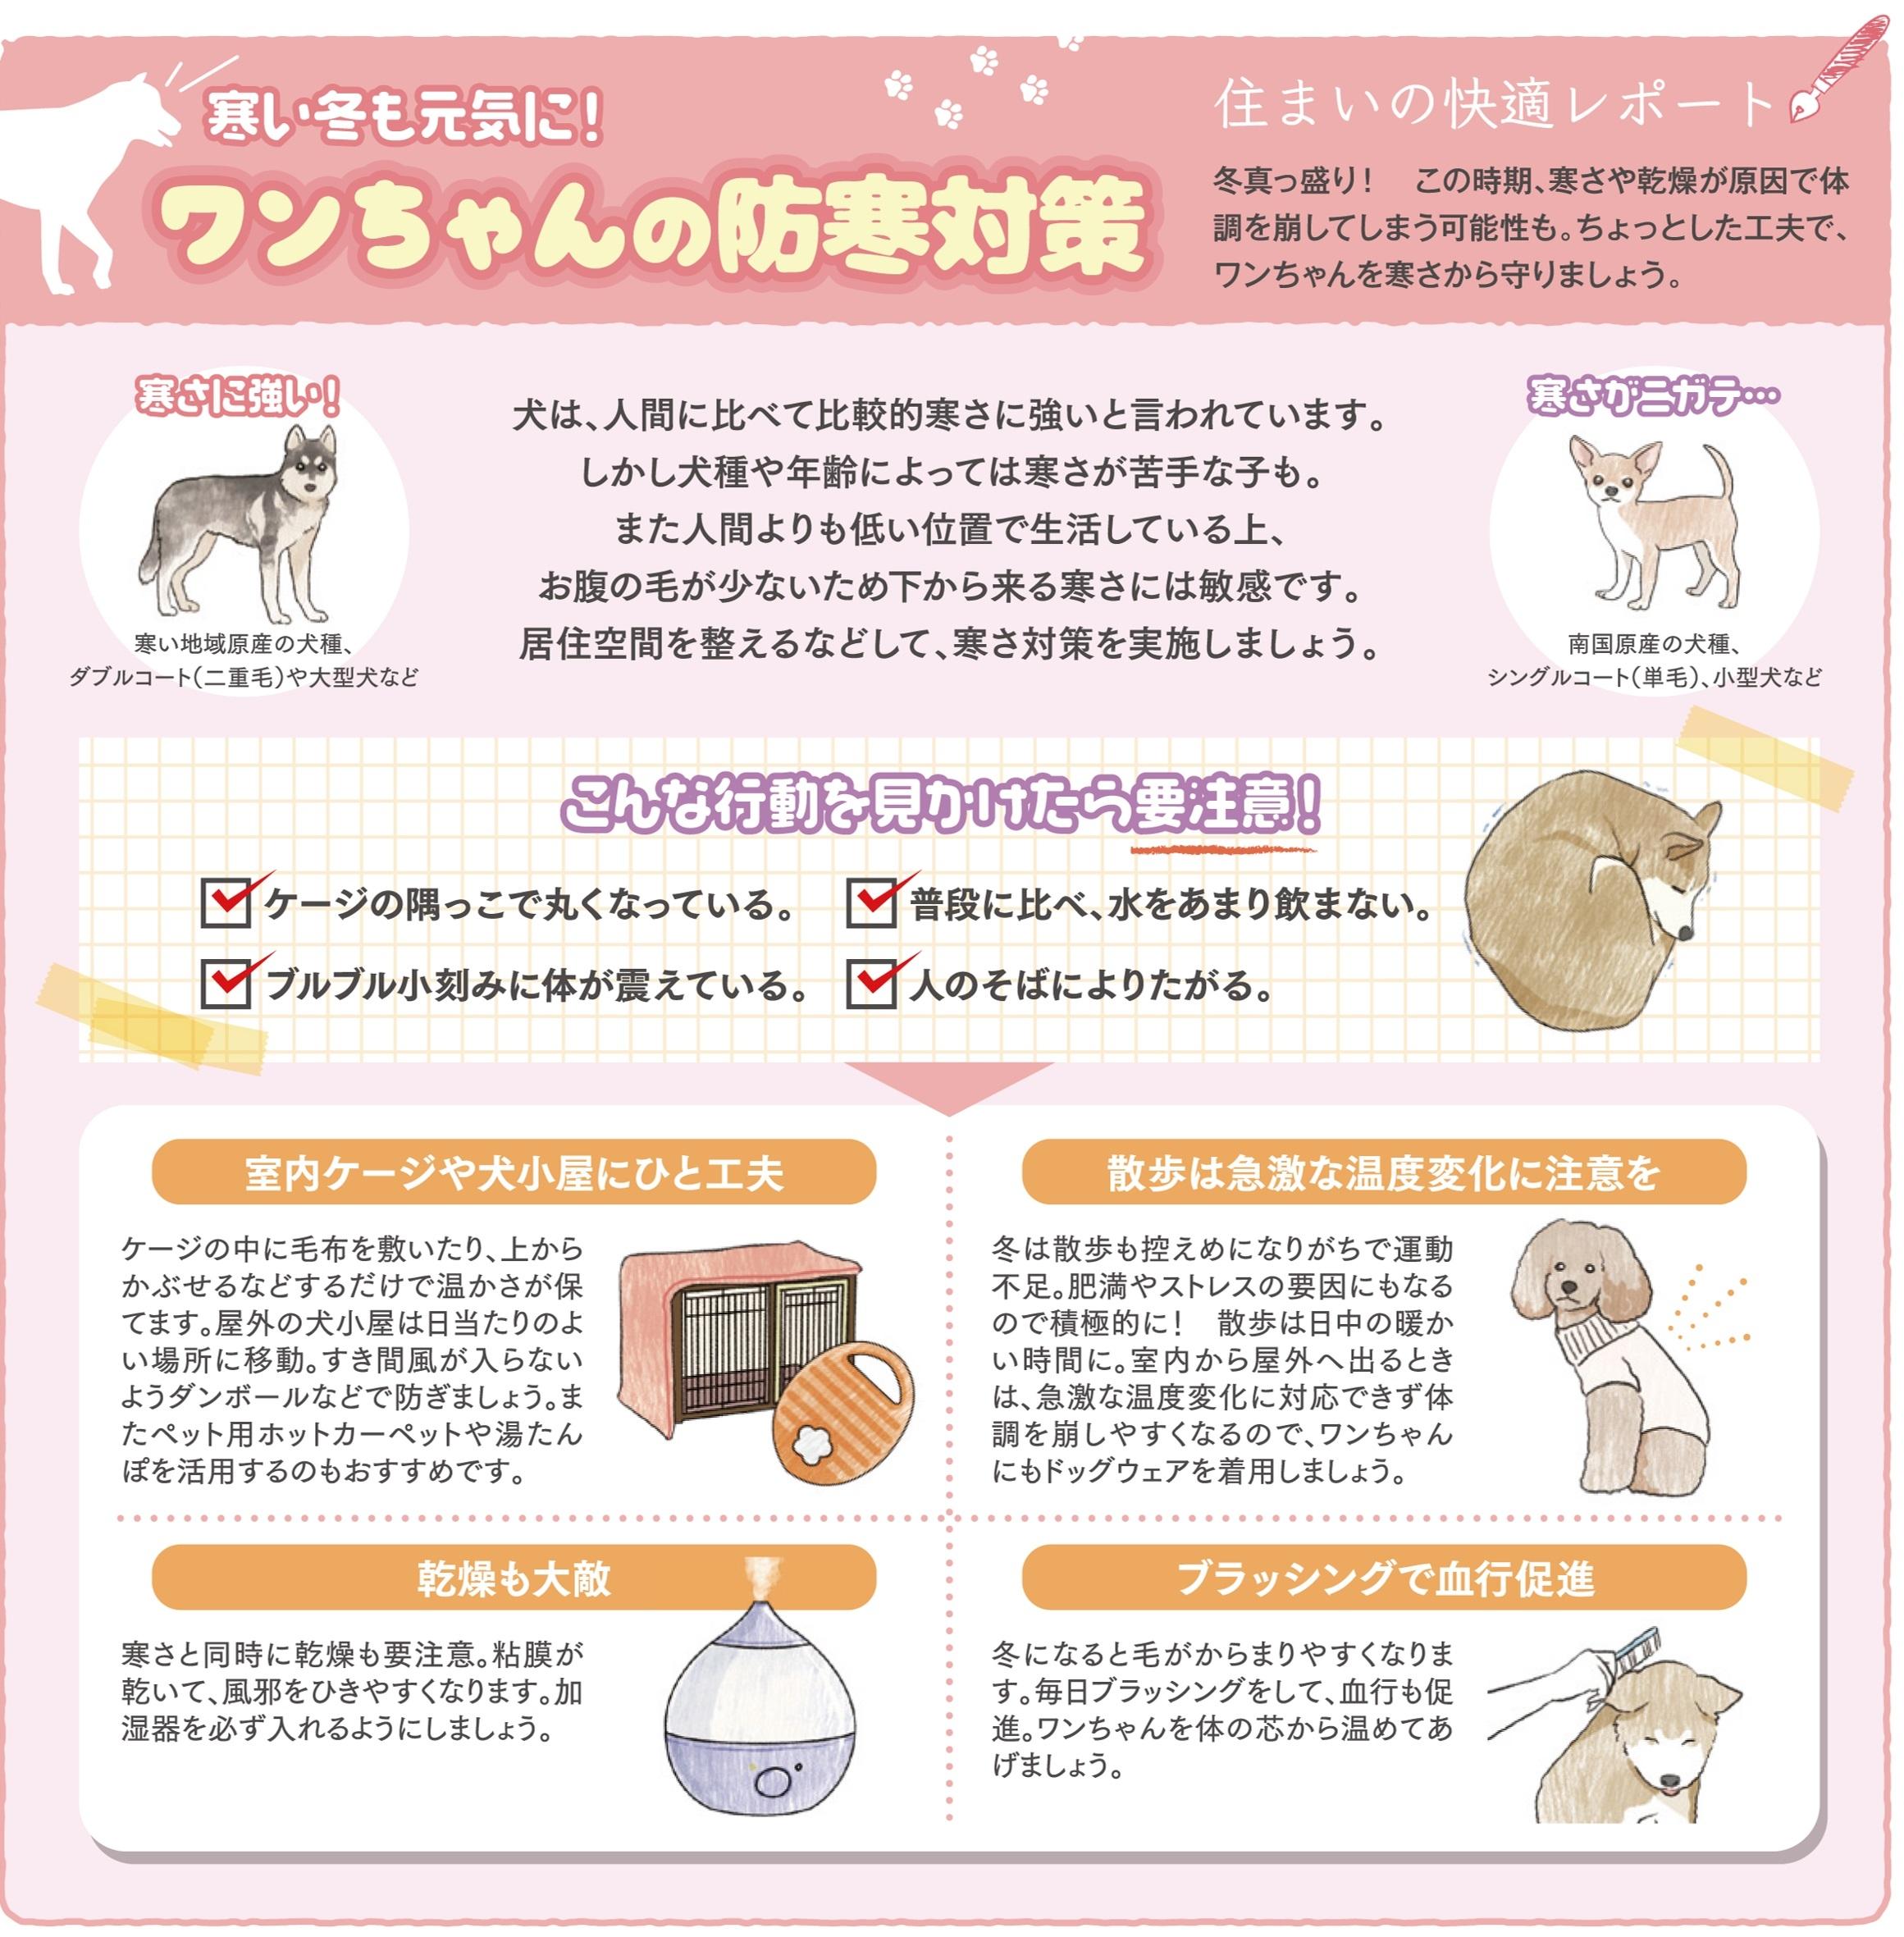 ワンちゃんの防寒.jpg